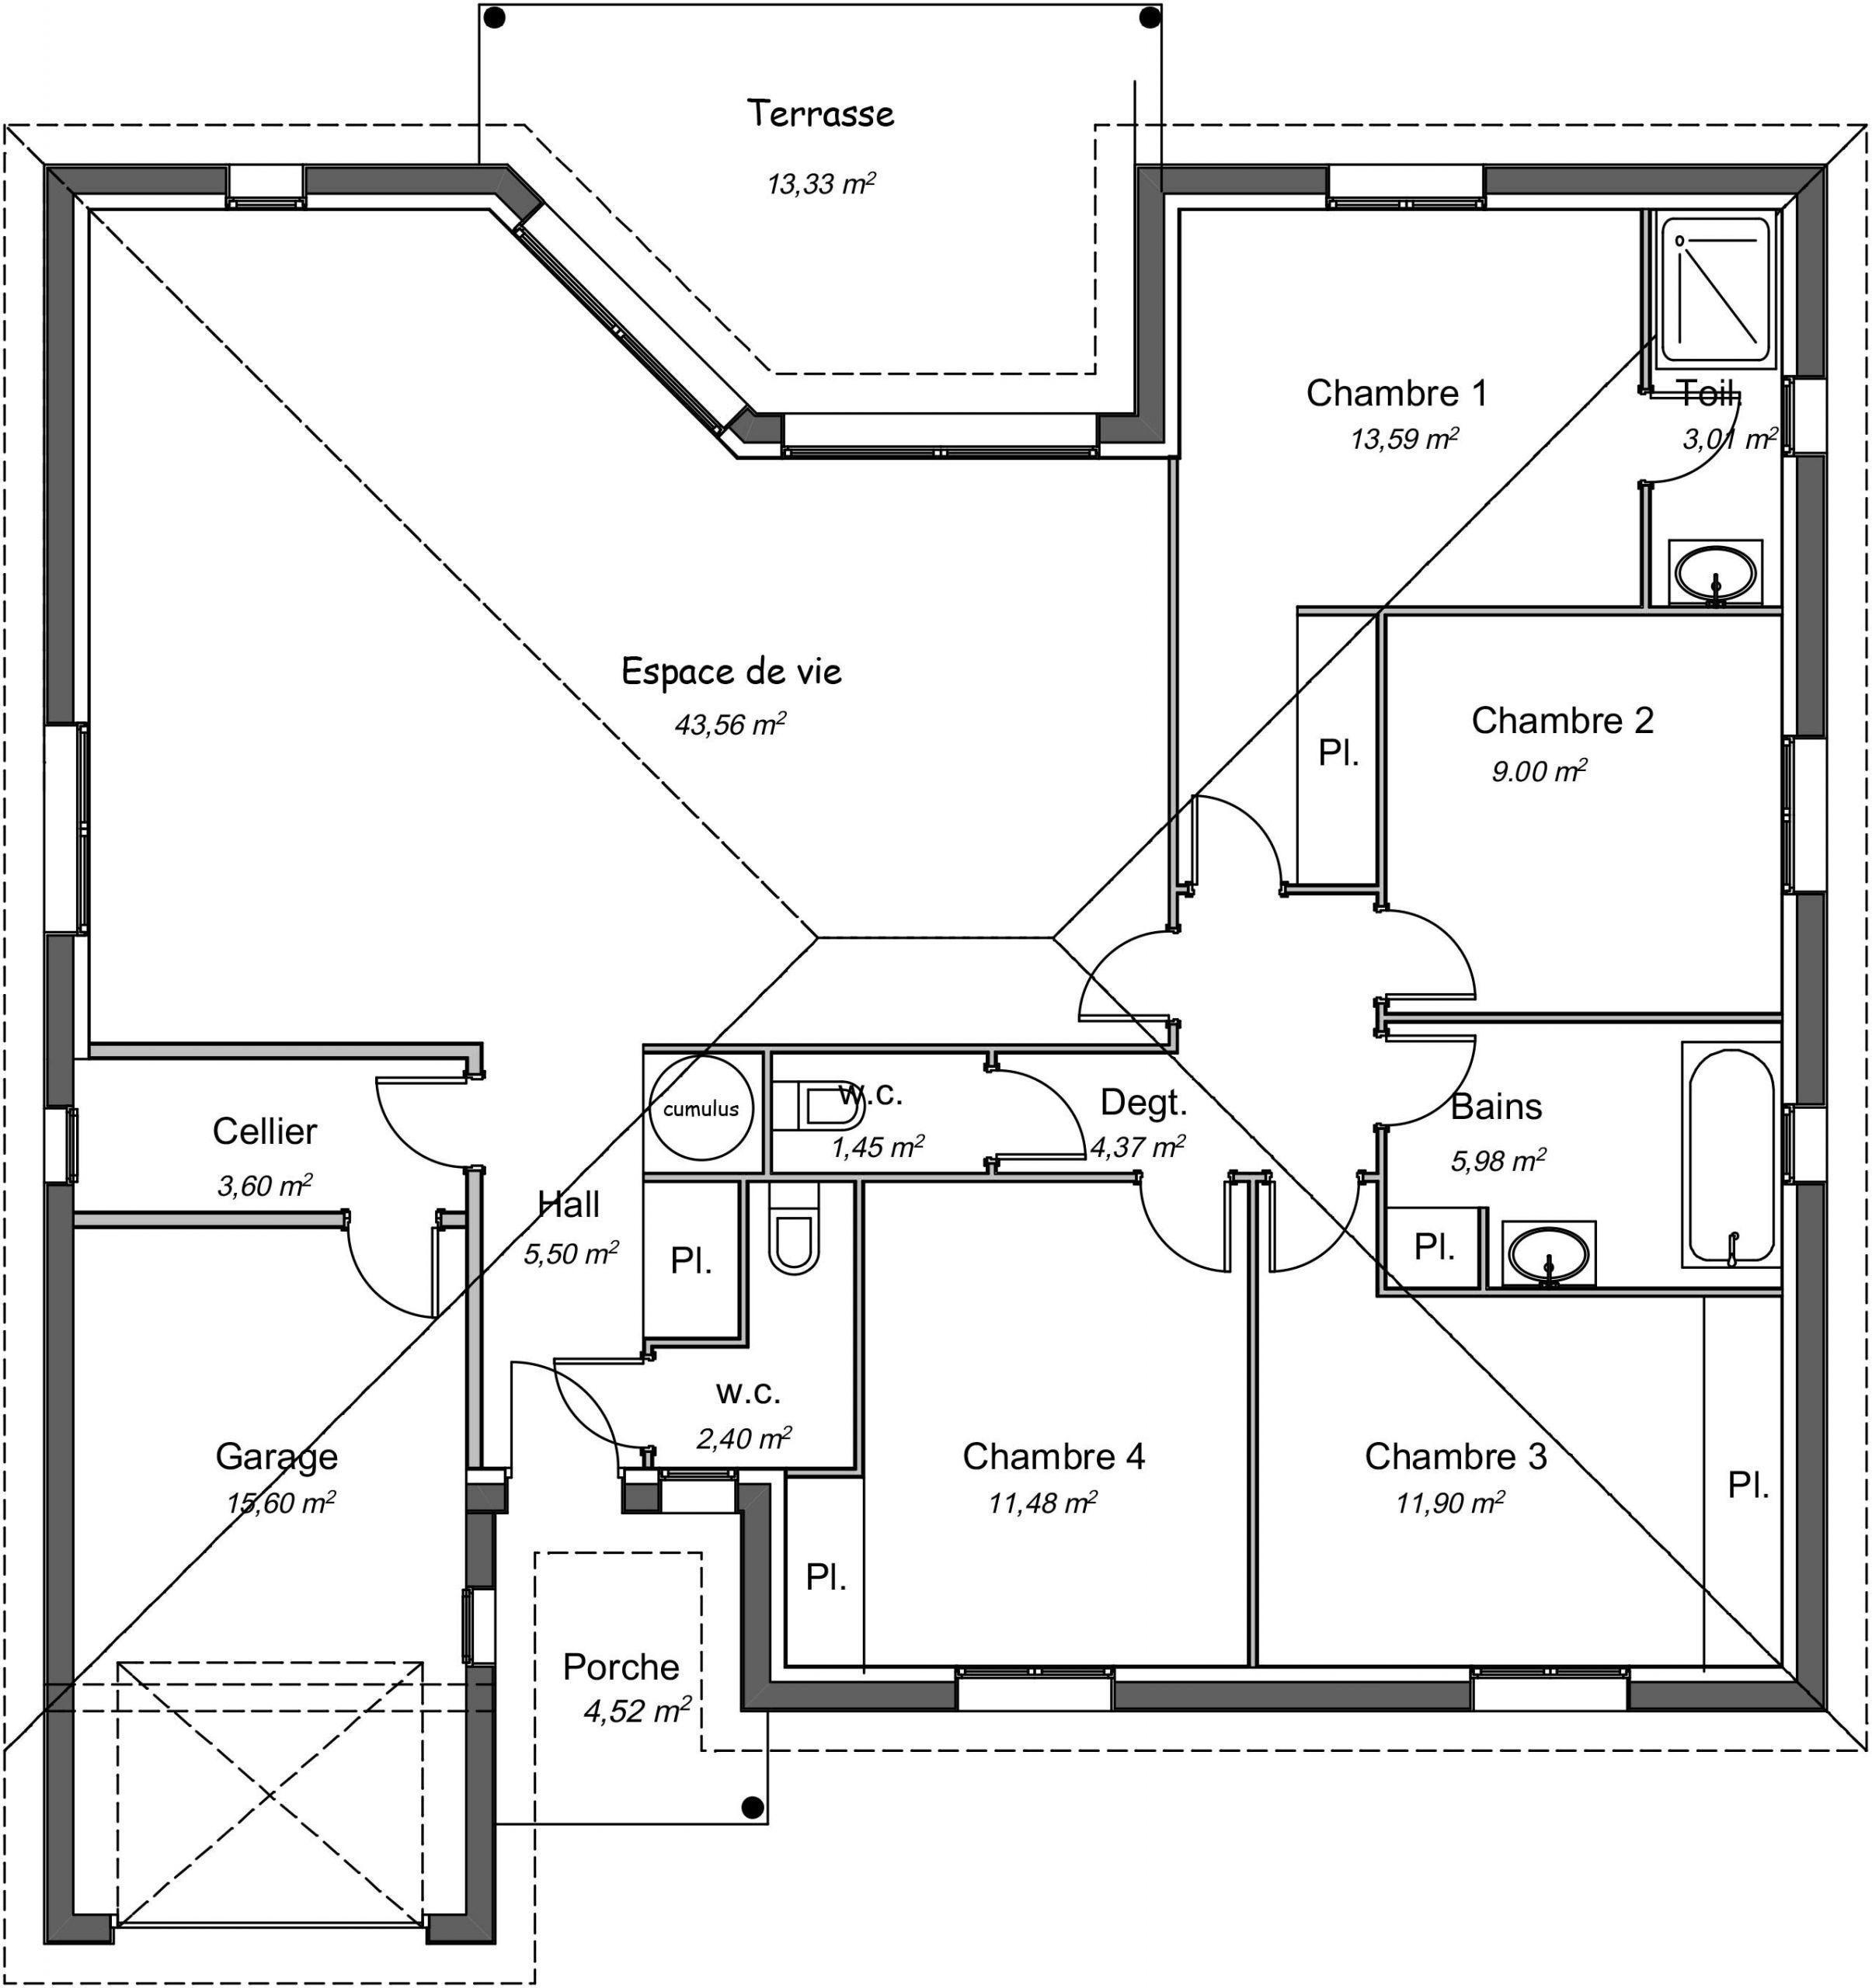 Maison Contemporaine Plain Pied Orme Avec Plans Demeures D